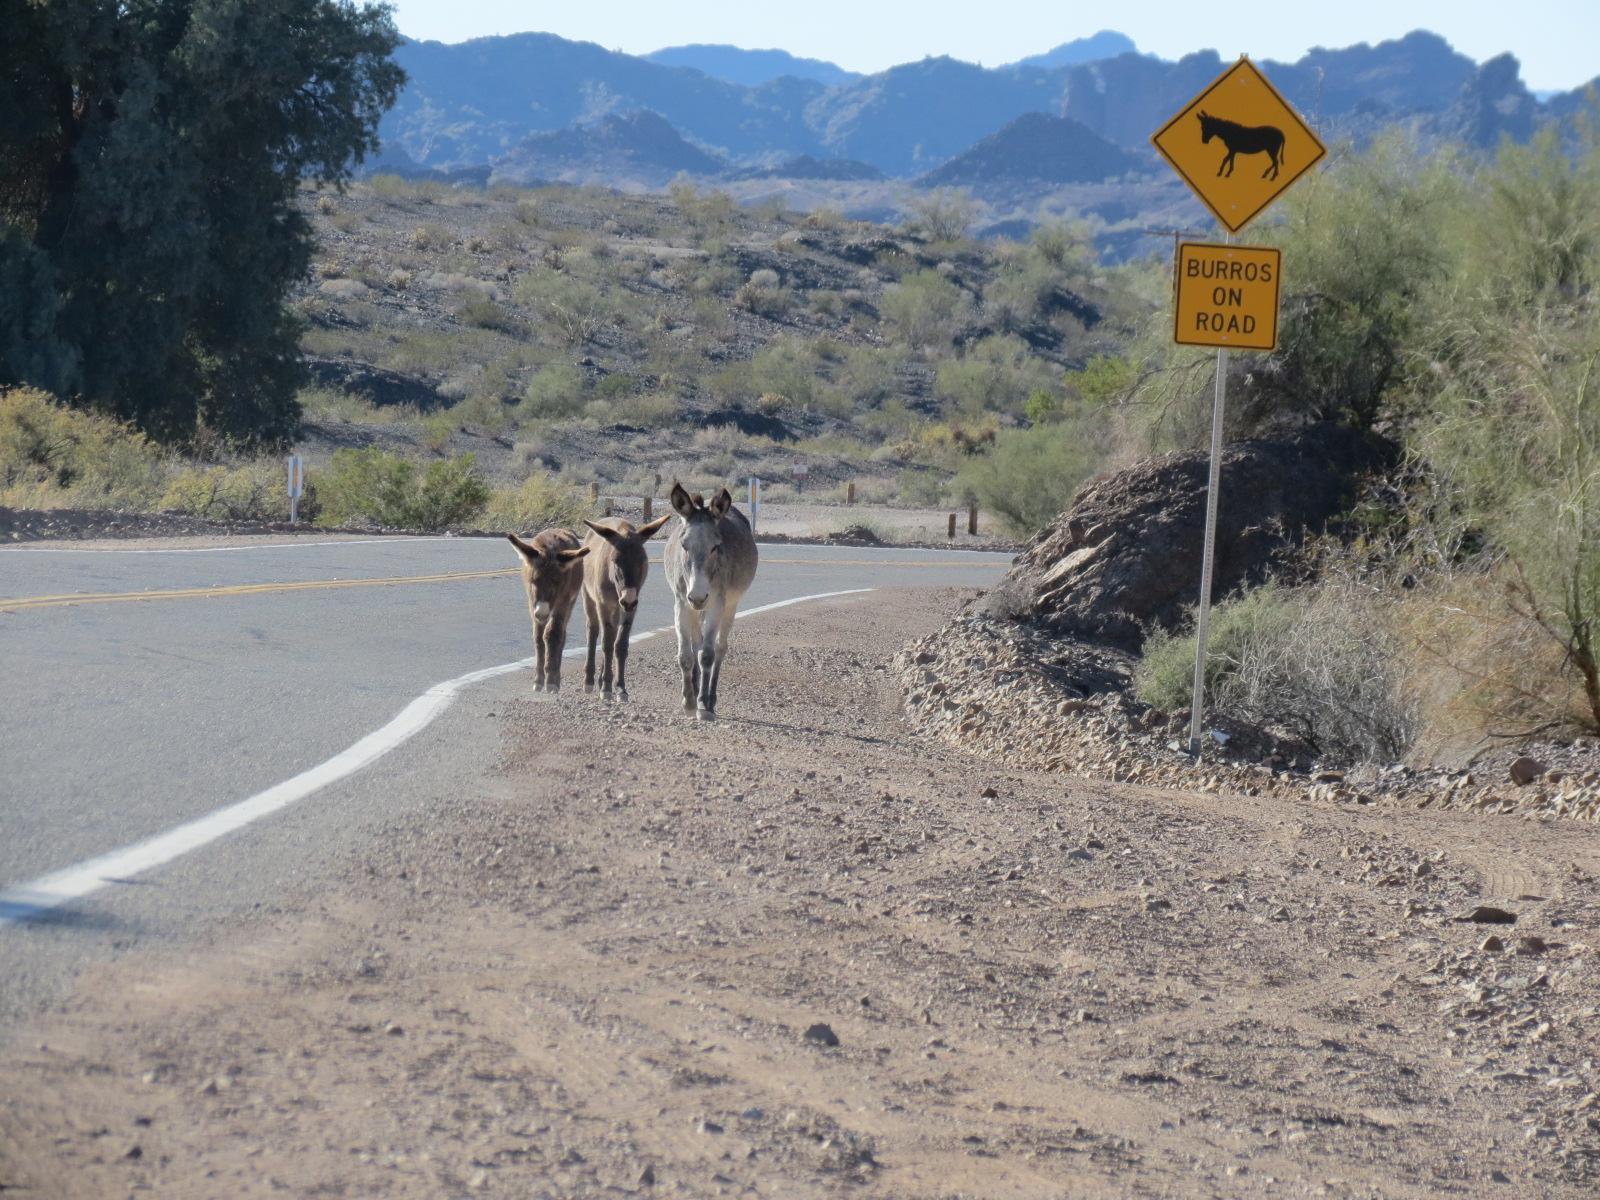 Wild Burros taking a stroll down the roadside in Parker AZ